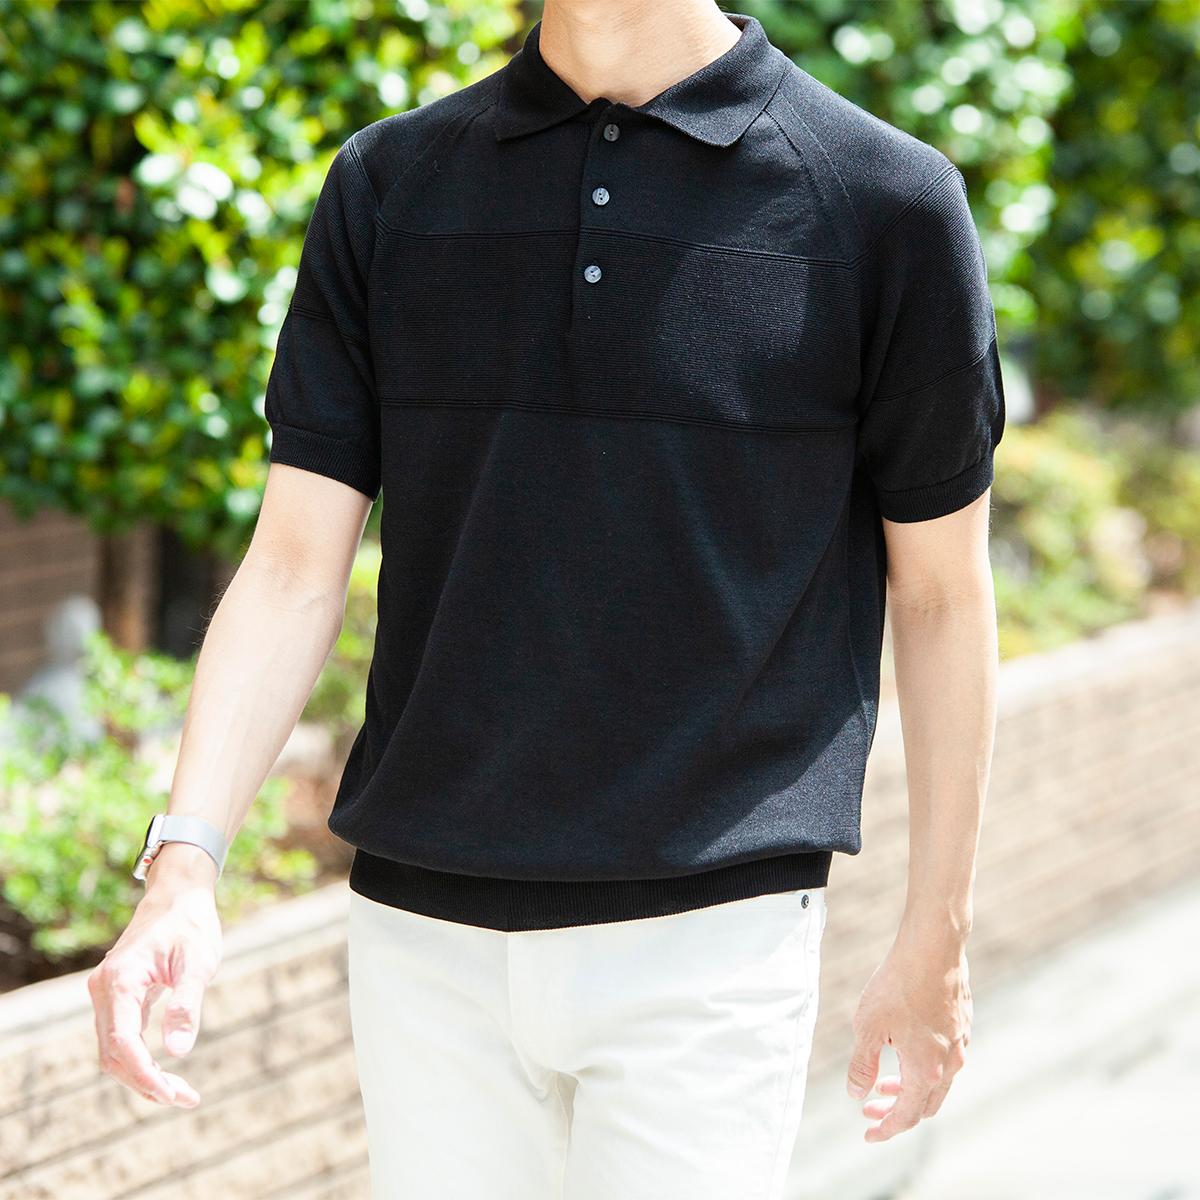 腕周りと胸周りは、立体感のある二重編み仕立て。ポロシャツに、凹凸のある表情が生まれて、上質なデザインの「ニットポロシャツ」|伊予和紙ポロシャツ